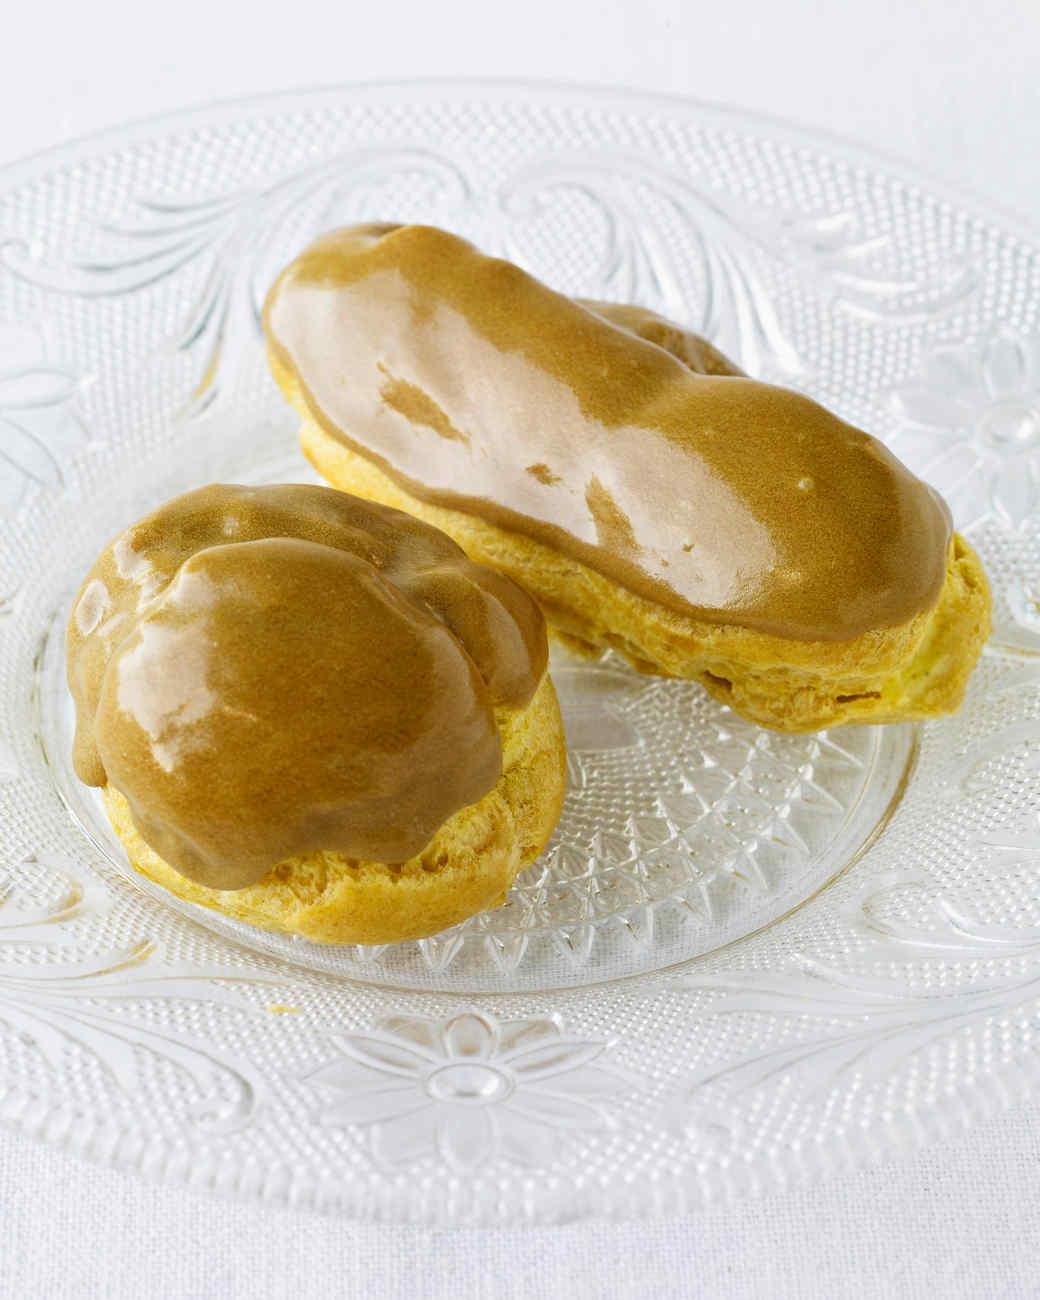 Cream Puffs with Pastry Cream and Maple-Espresso Glaze